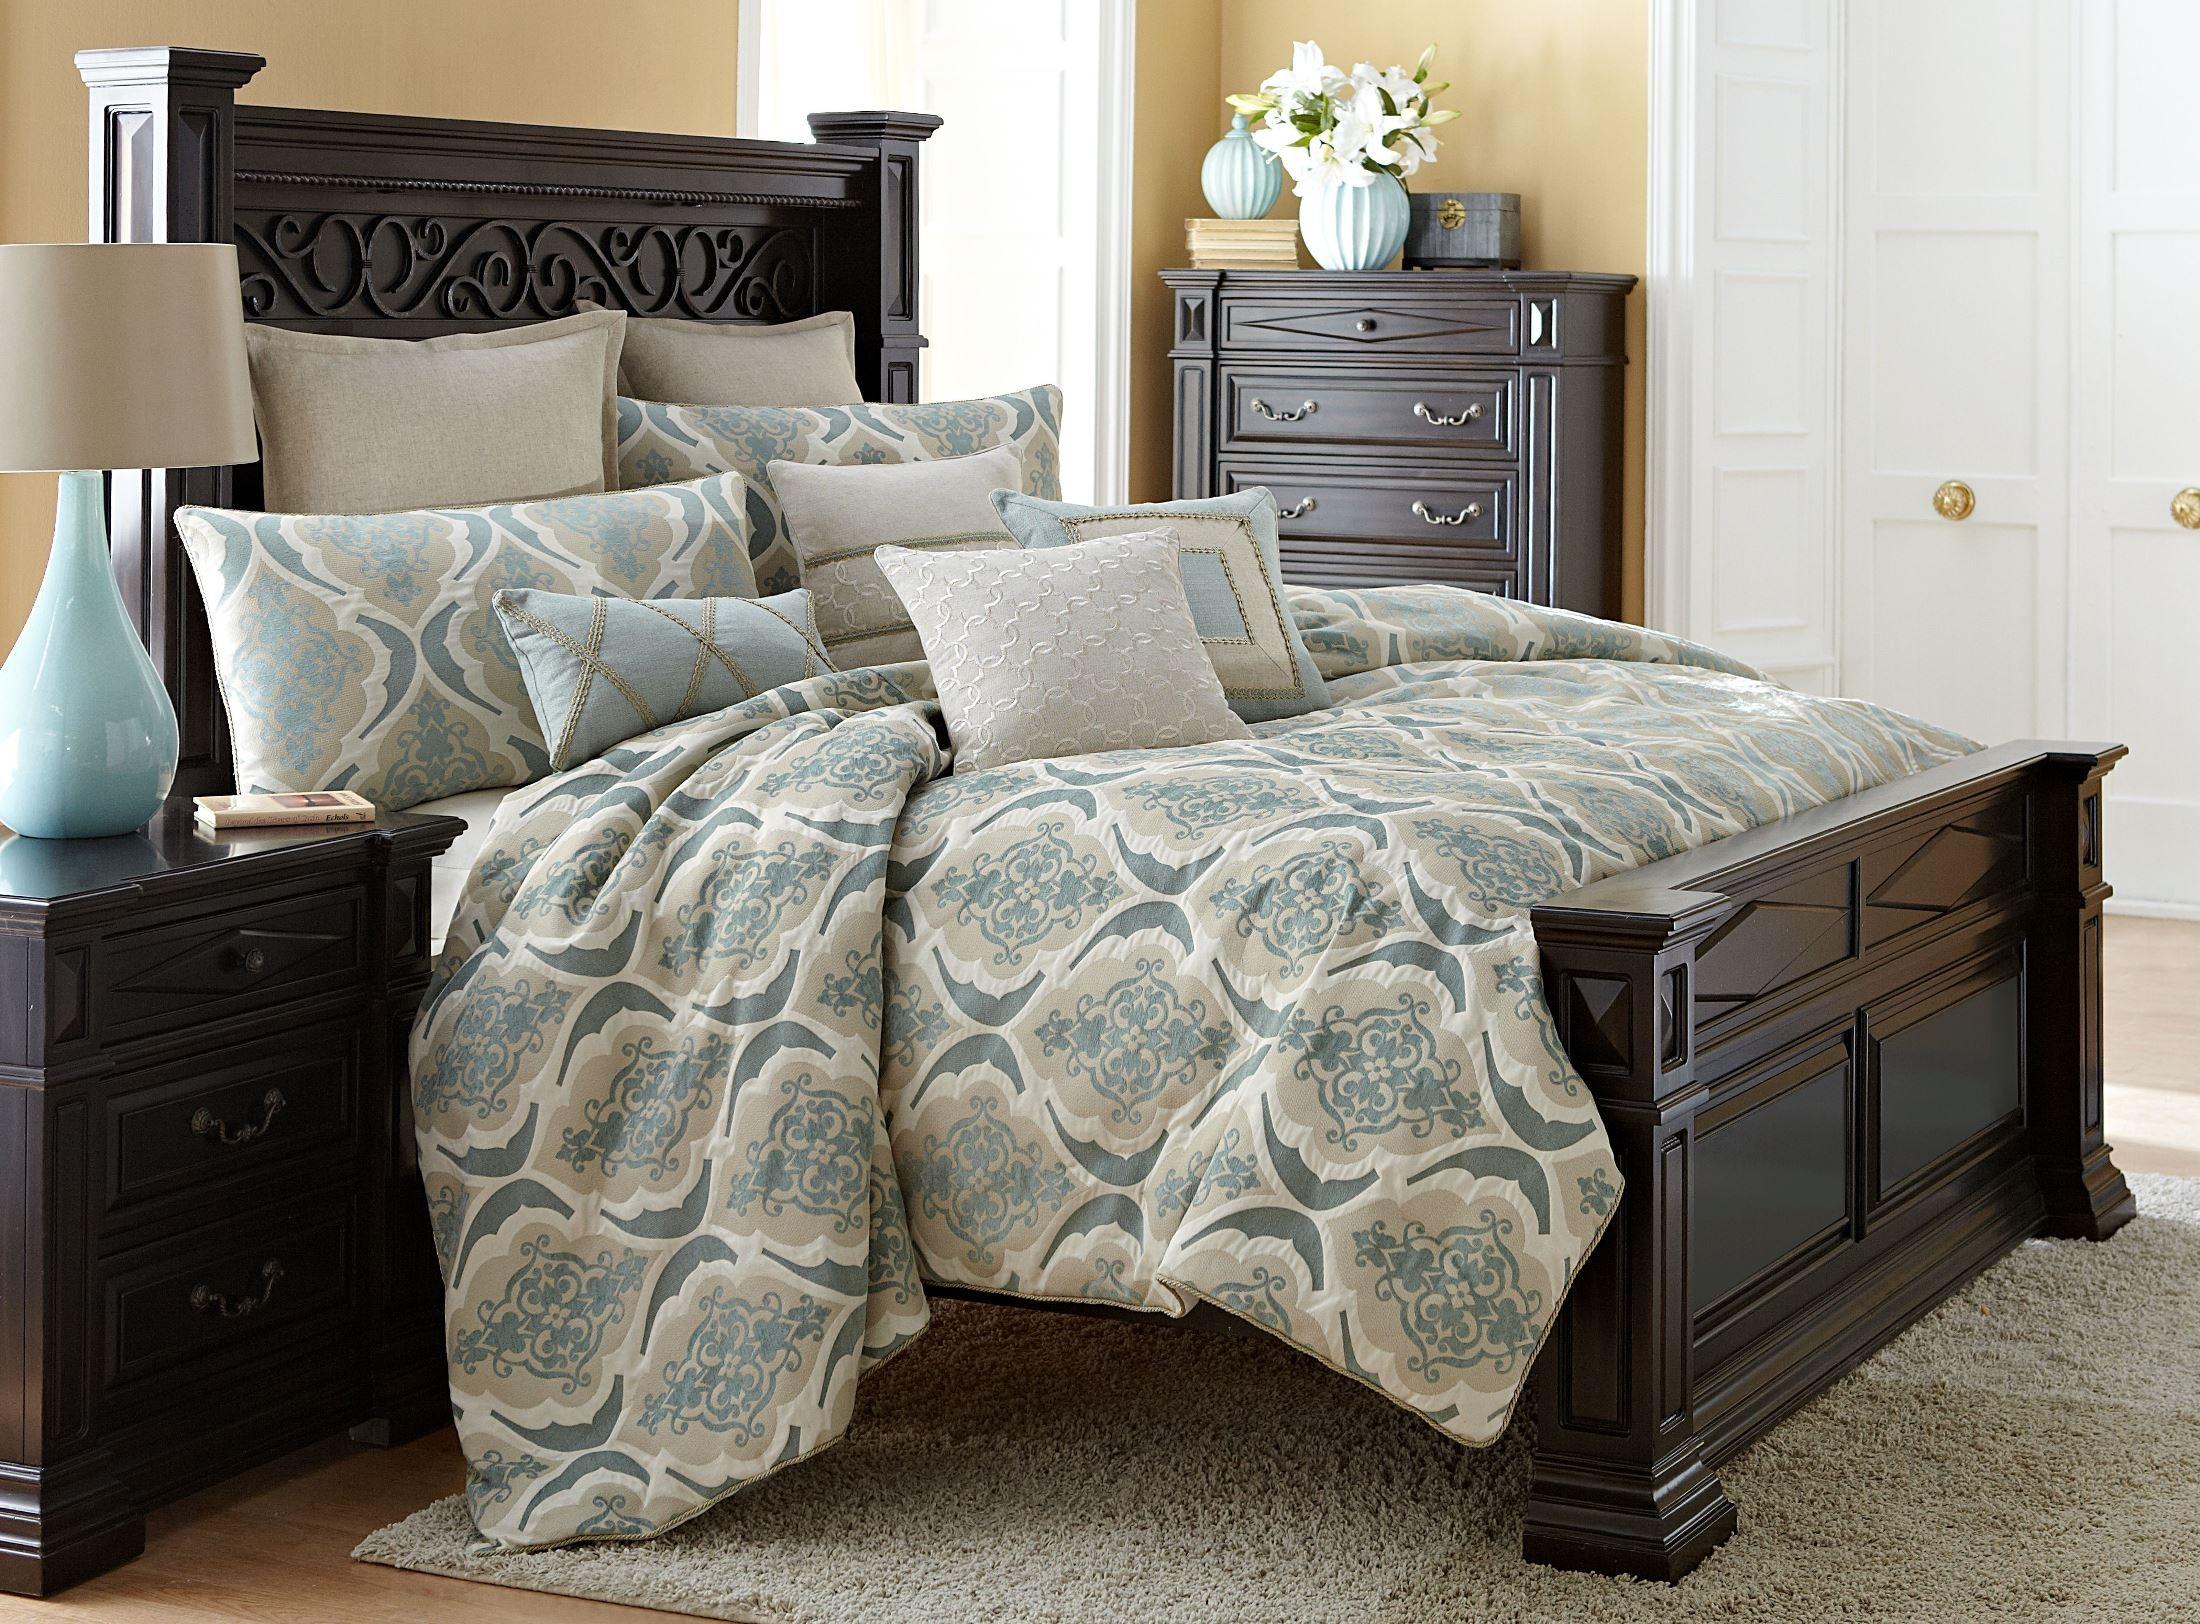 Avignon spa 10 piece king comforter set from aico bcs for Home salon avignon